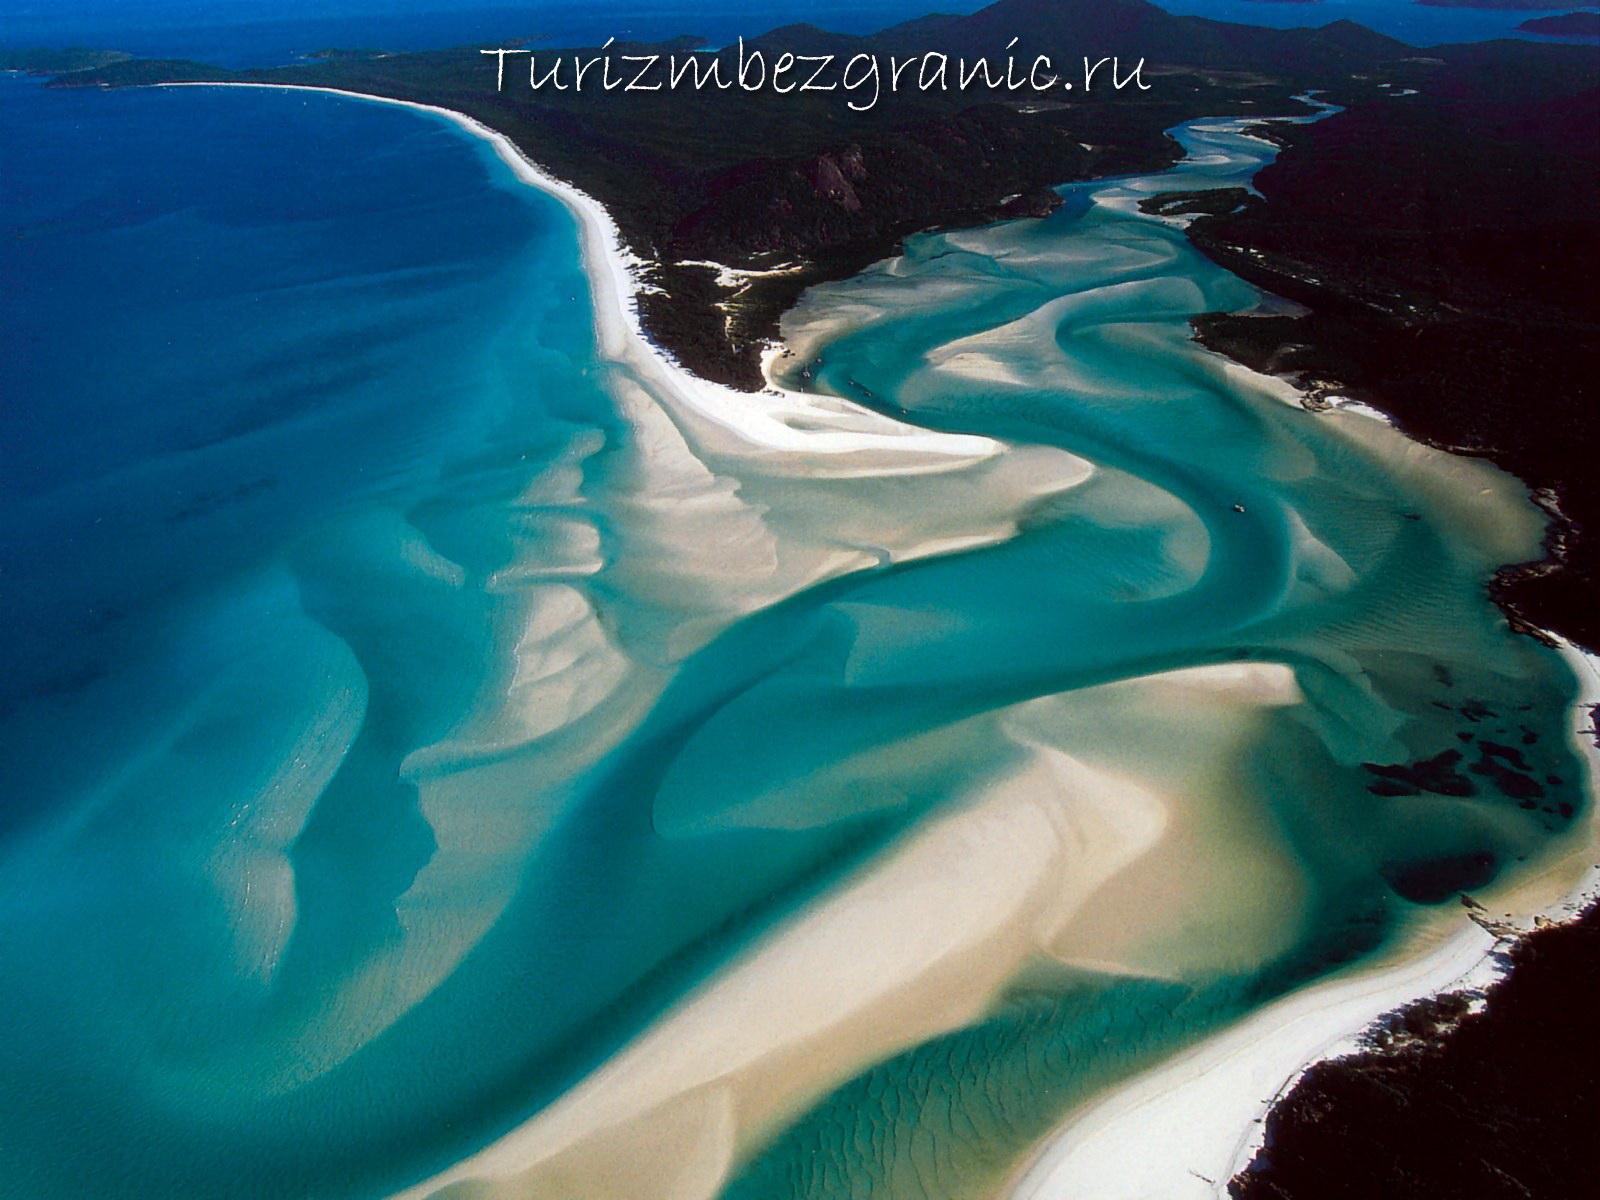 White heaven beach - Пляж Белый рай. Австралия